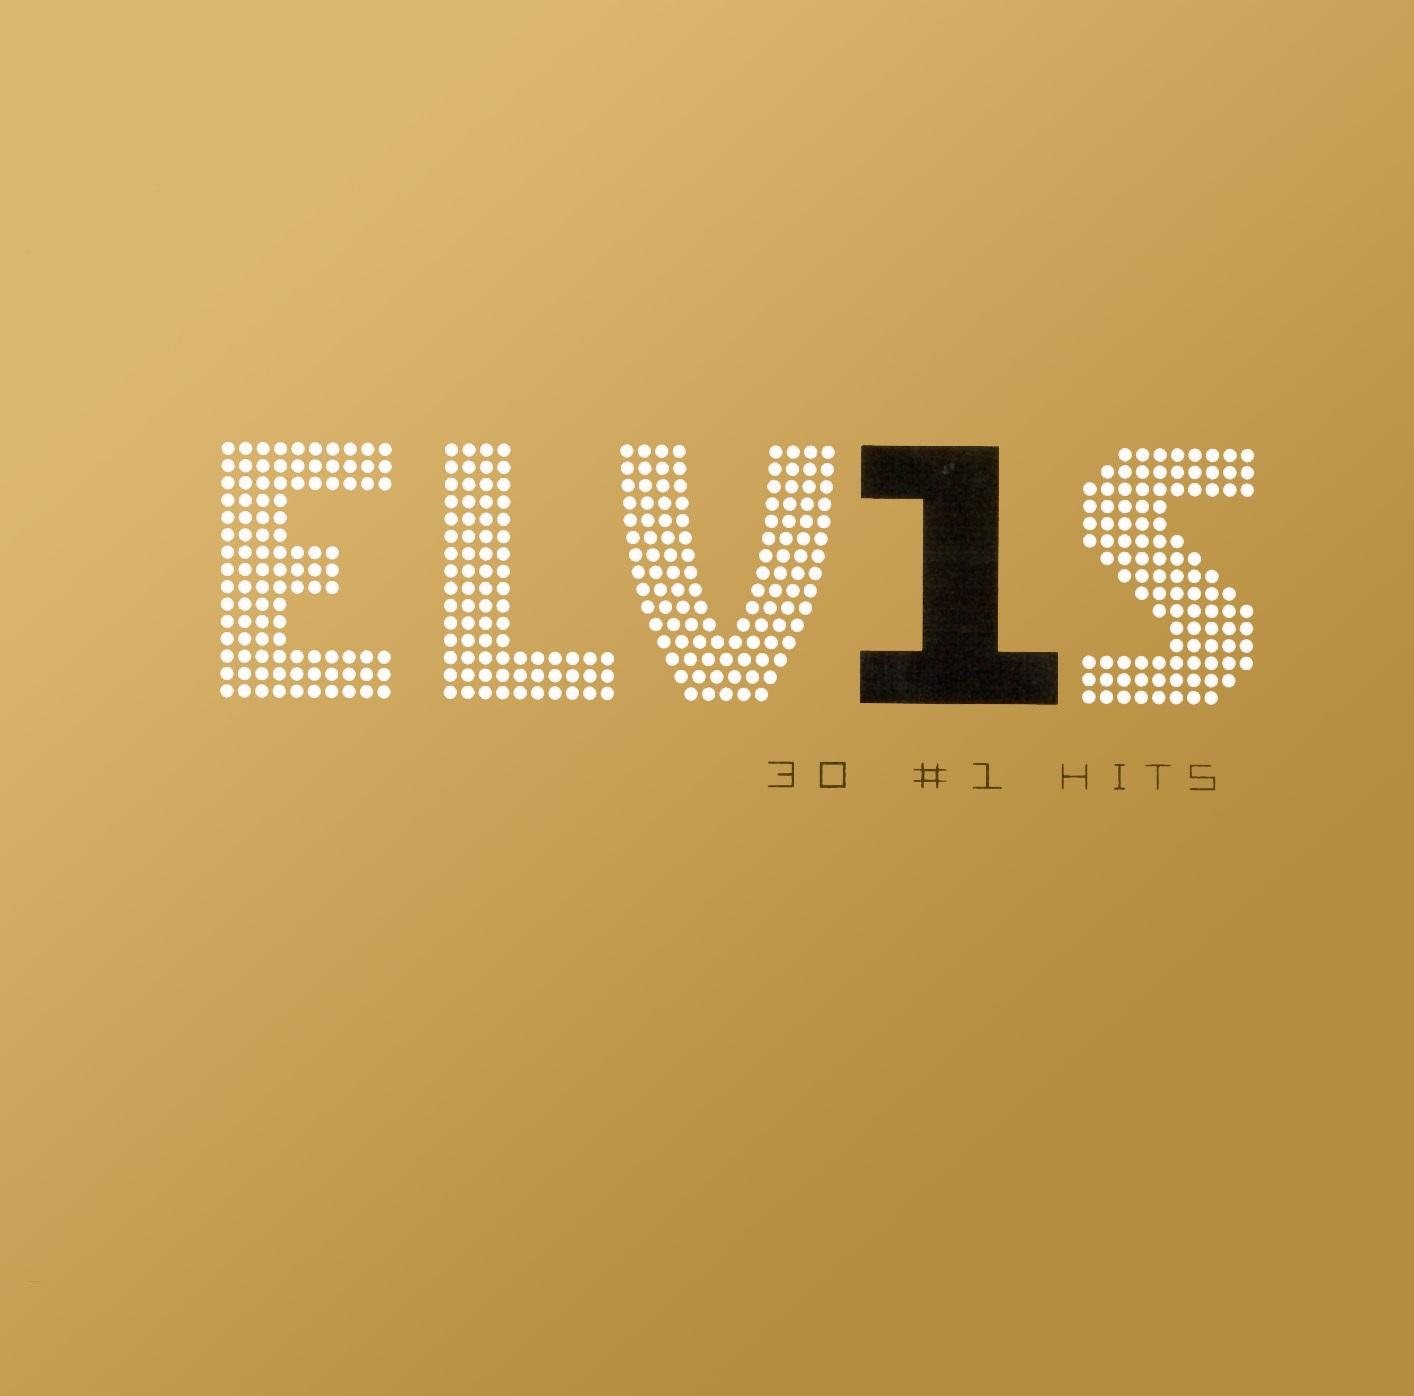 Elvis Presley: 30 #1 Hits (CD)